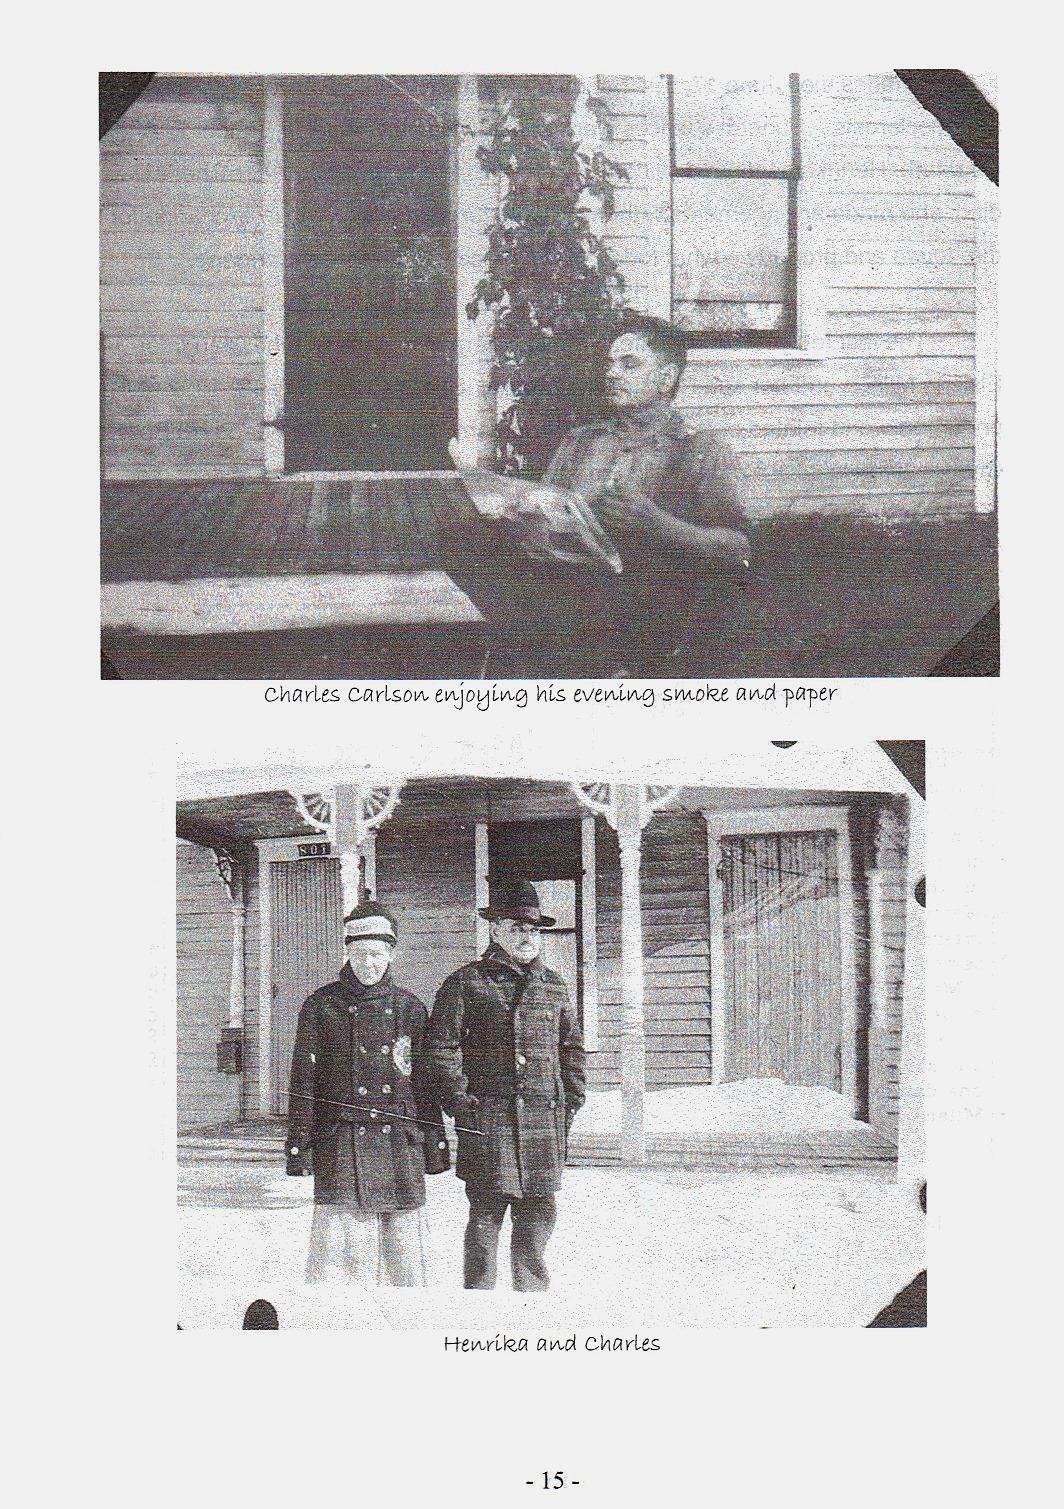 Sid 15, bilder på Charles och Henrika